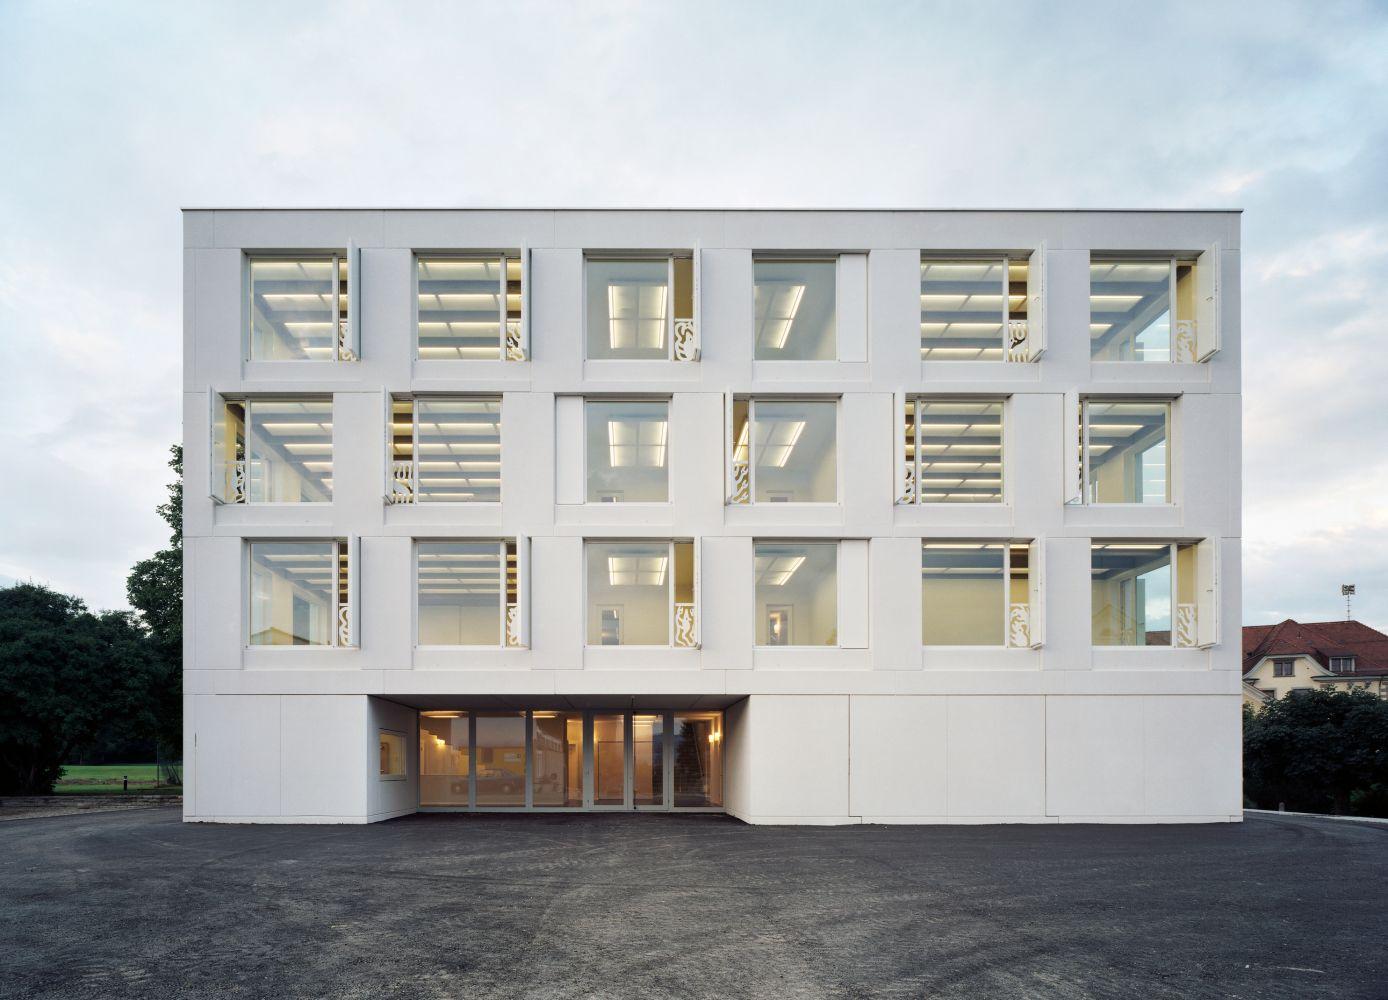 Fries Architektur archithese form follows fiction